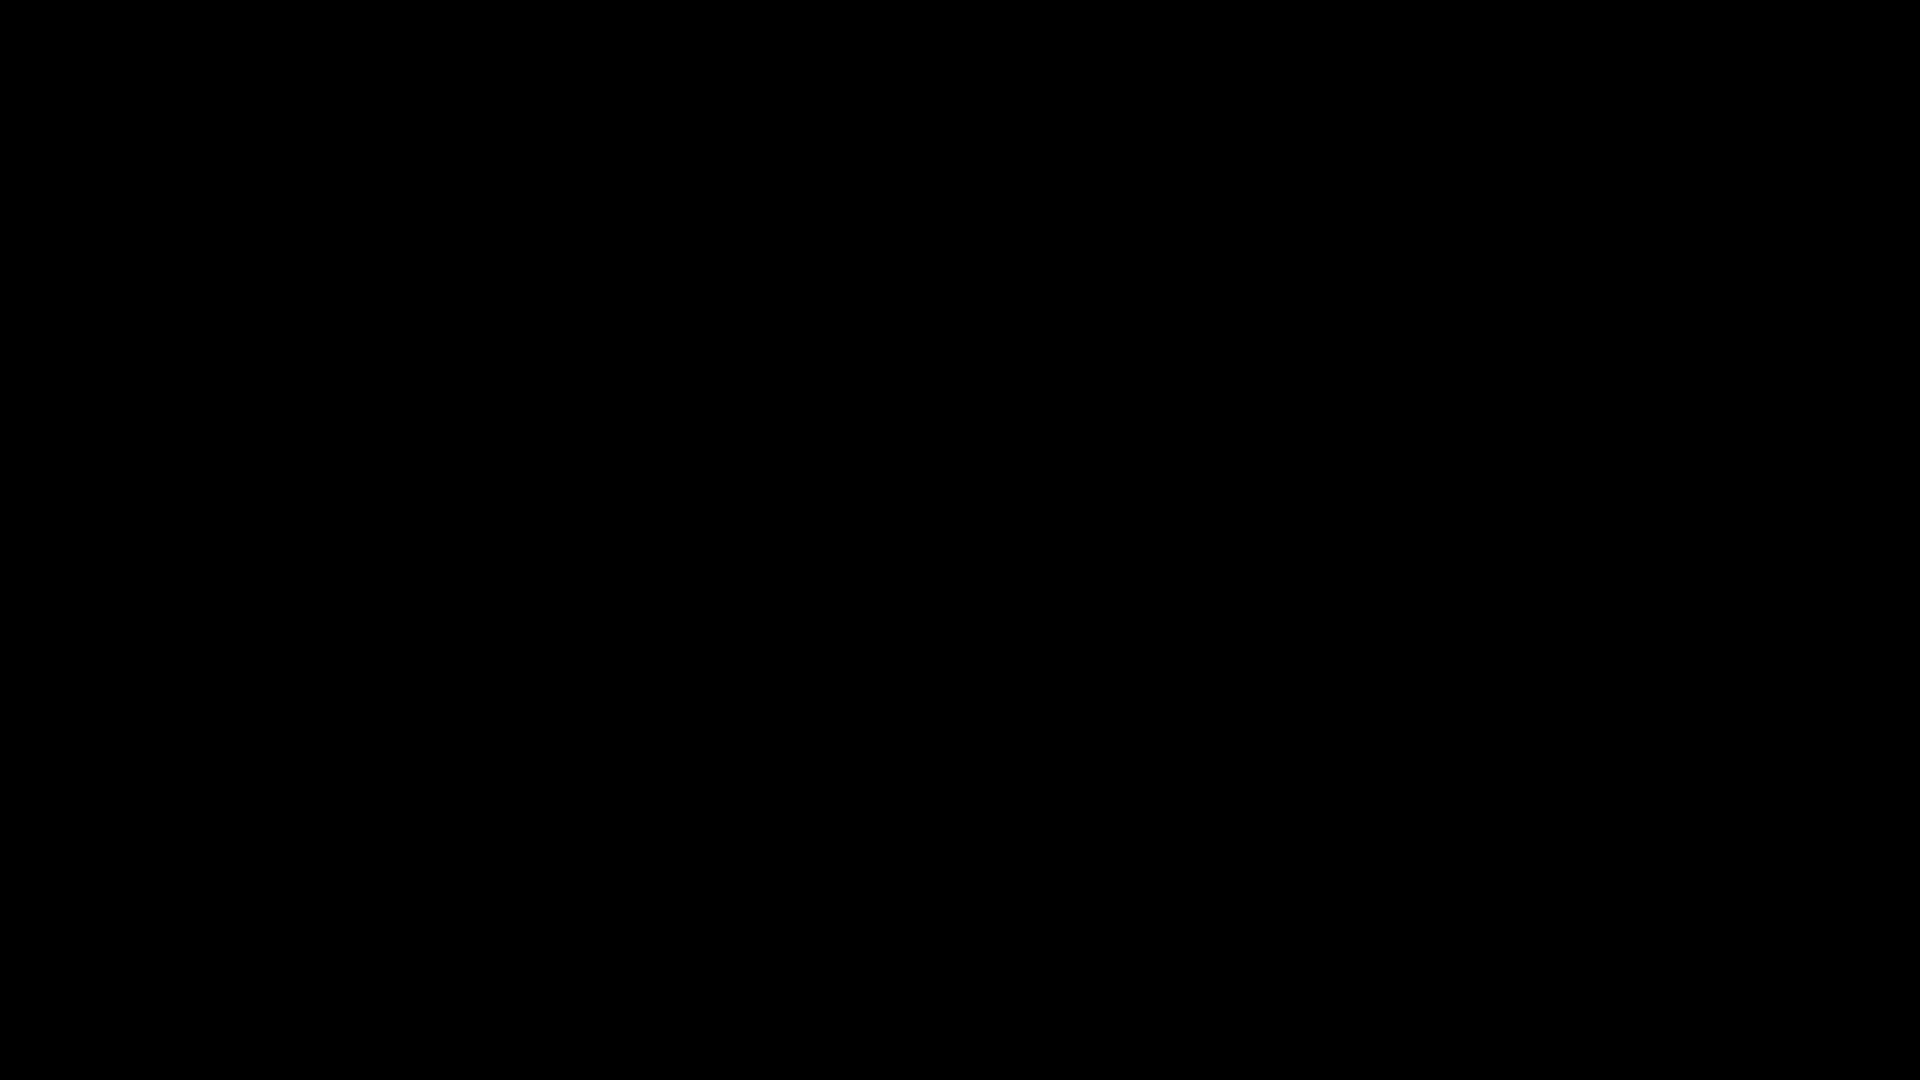 タイムファックバンディット 時間よ止まれ ~配達編~ - 和登こころ【ハメ撮り・パイパン・中出し】